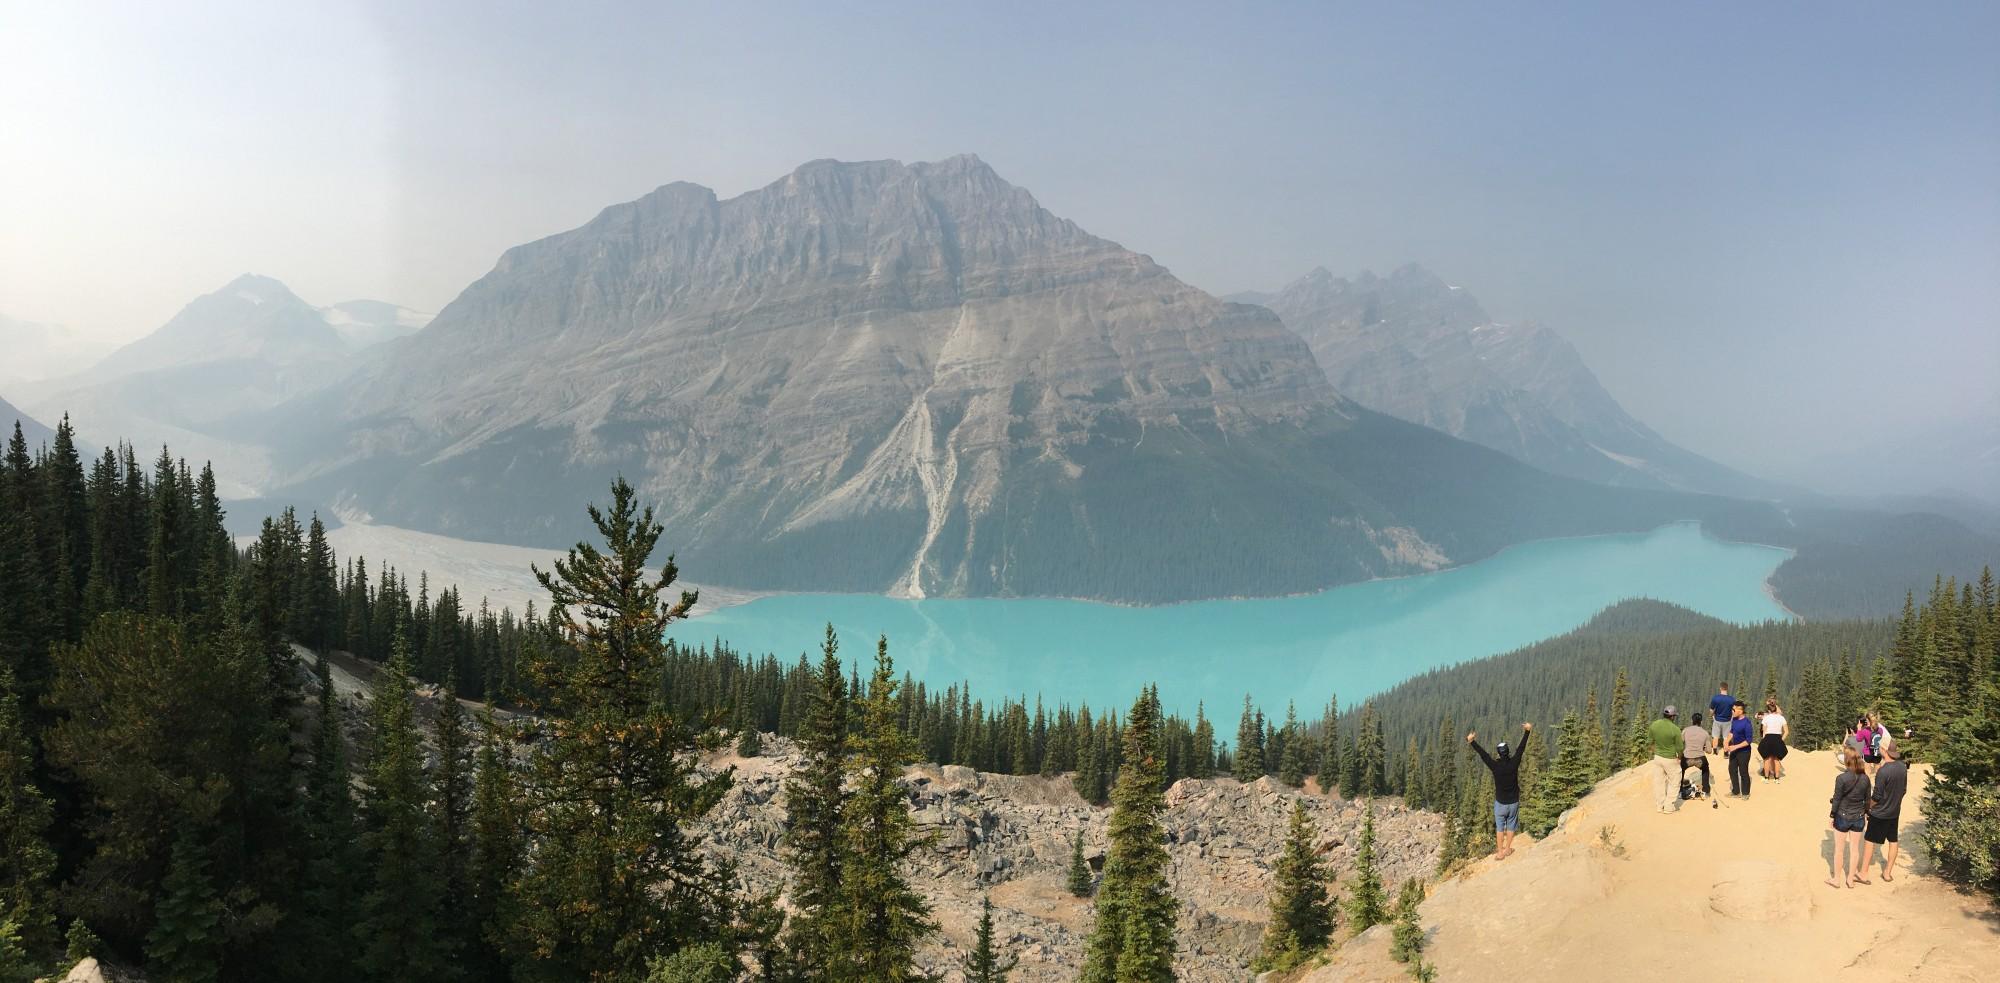 Peyto Lake Banff National Park Canada